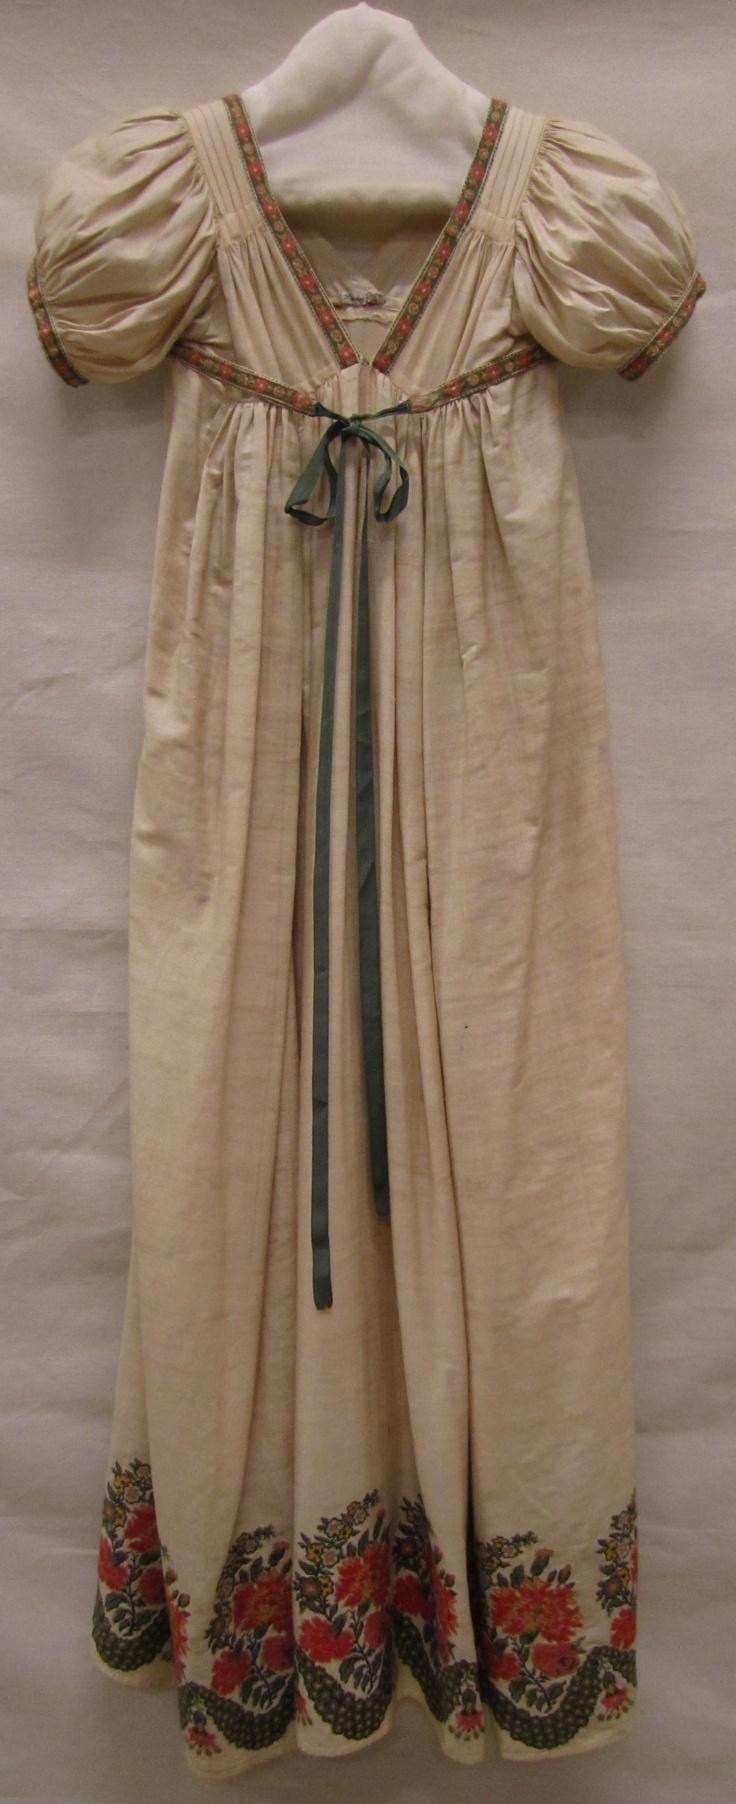 Japon | Dress, ca. 1810-1820, wol en zijde met ingeweven wollen bloemrand | wool and silk with woven wool flower border, Gemeentemuseum Den Haag #modemuze #janeausten #gemeentemuseum